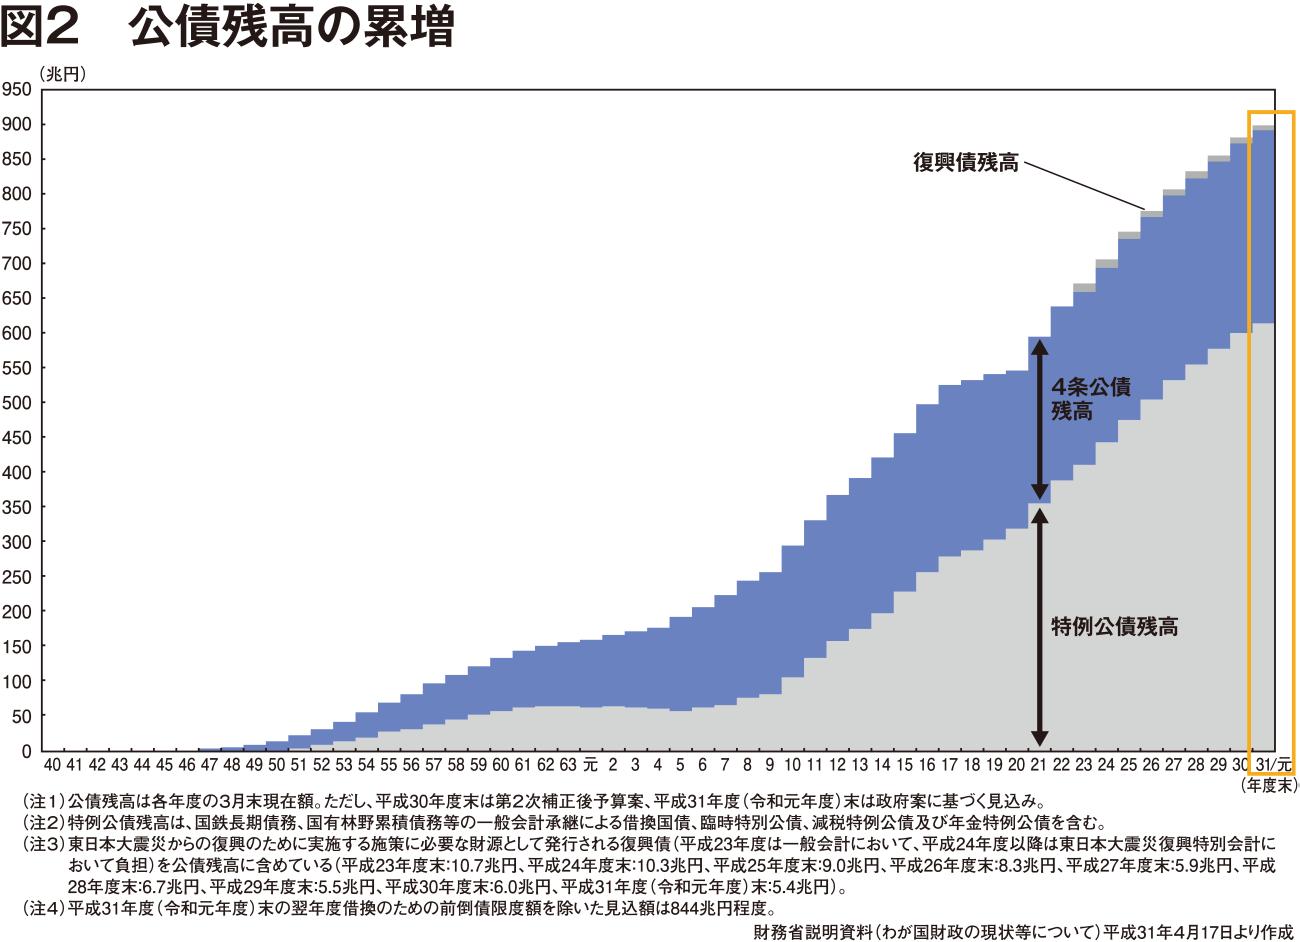 バランス 黒字 化 プライマリー 【不安要因】プライマリーバランス(PB)黒字化目標が日本経済を破滅に向かわせる?